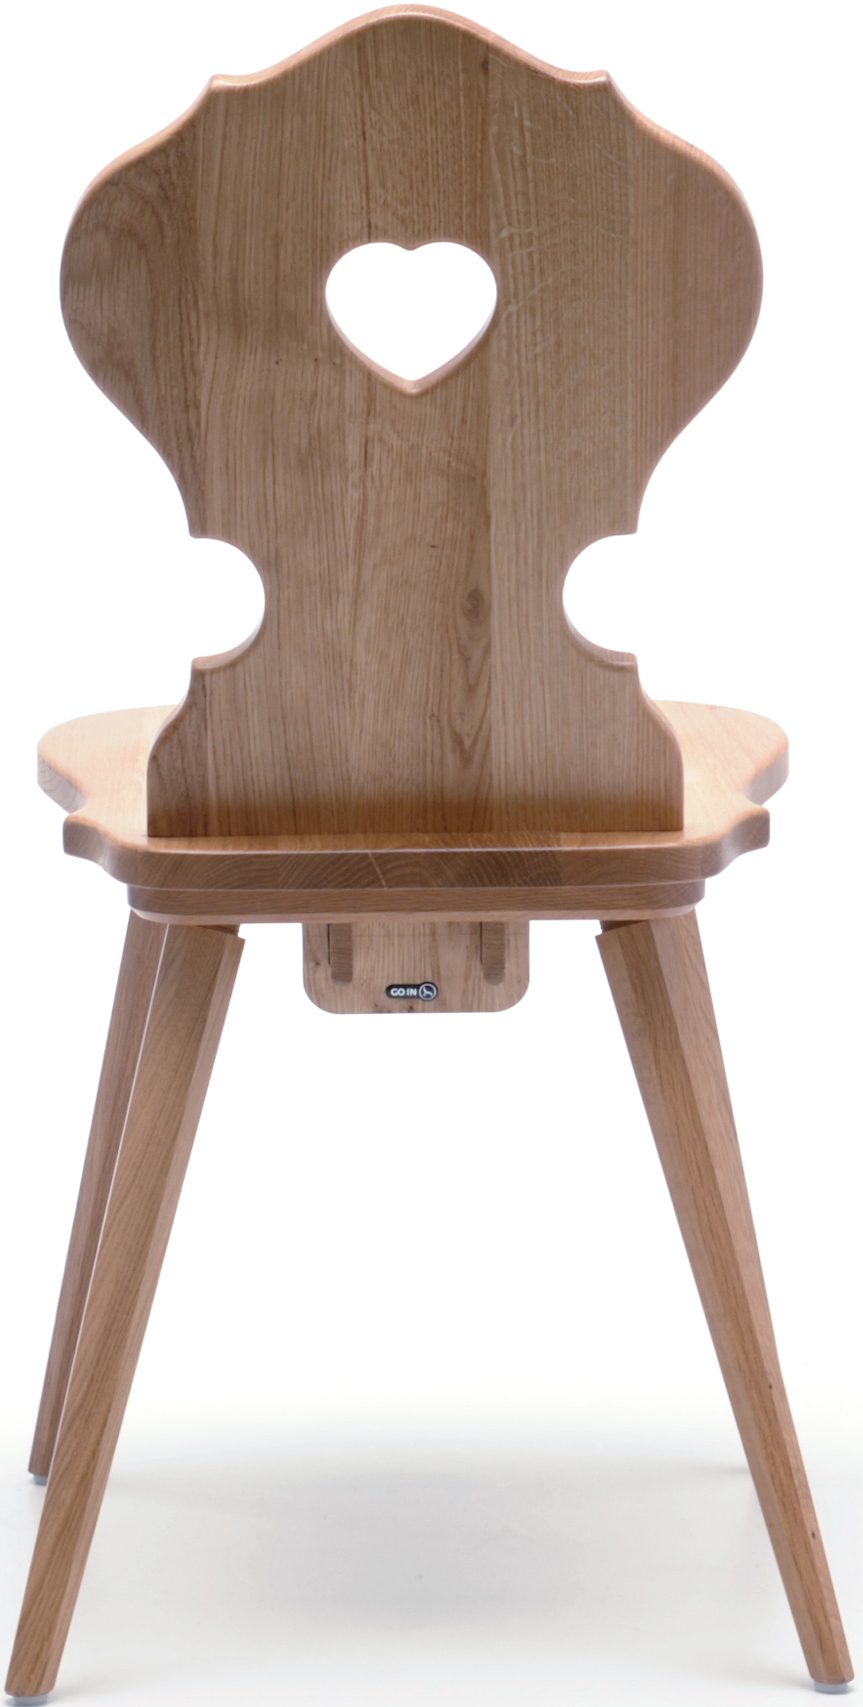 Abbildung chair Heidy Rückansicht